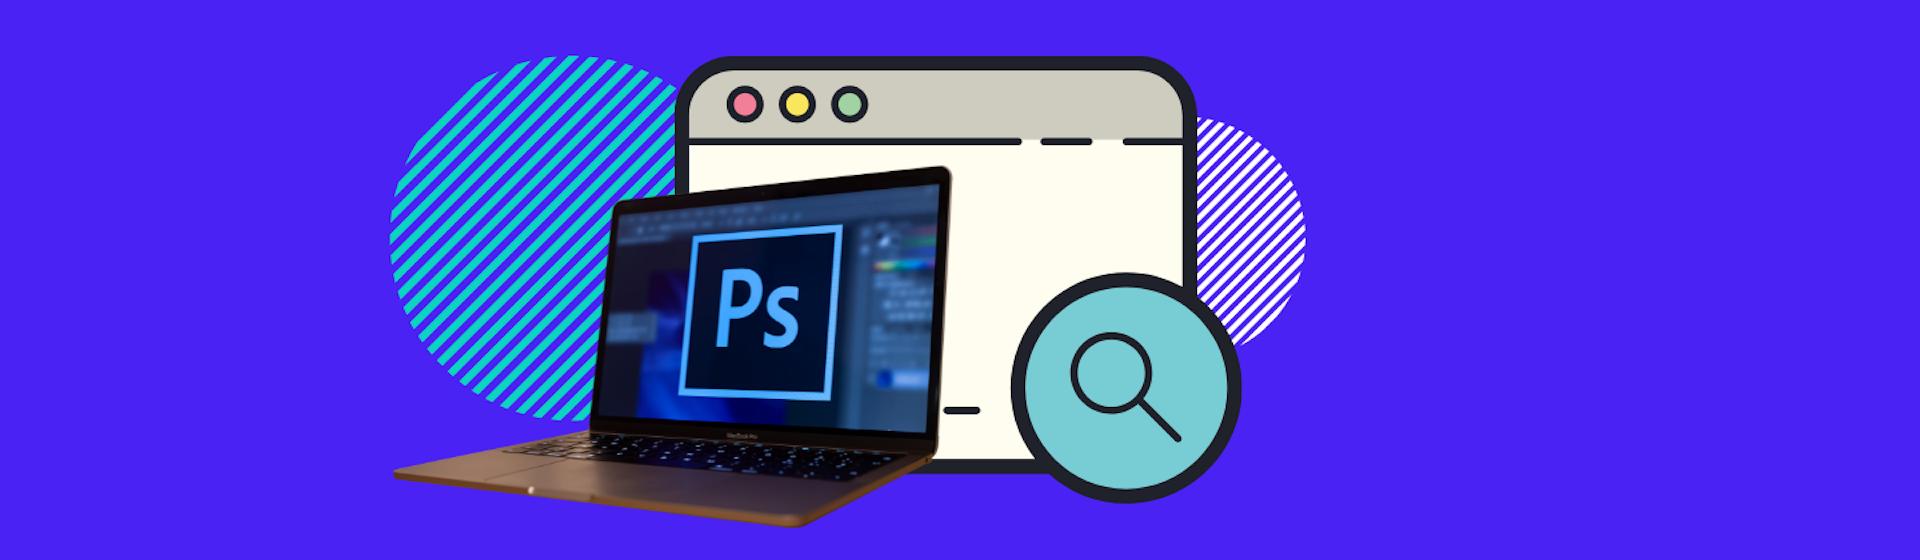 ¿Cómo crear un archivo .ico en Photoshop? ¡Crea un Favicon para tu página!